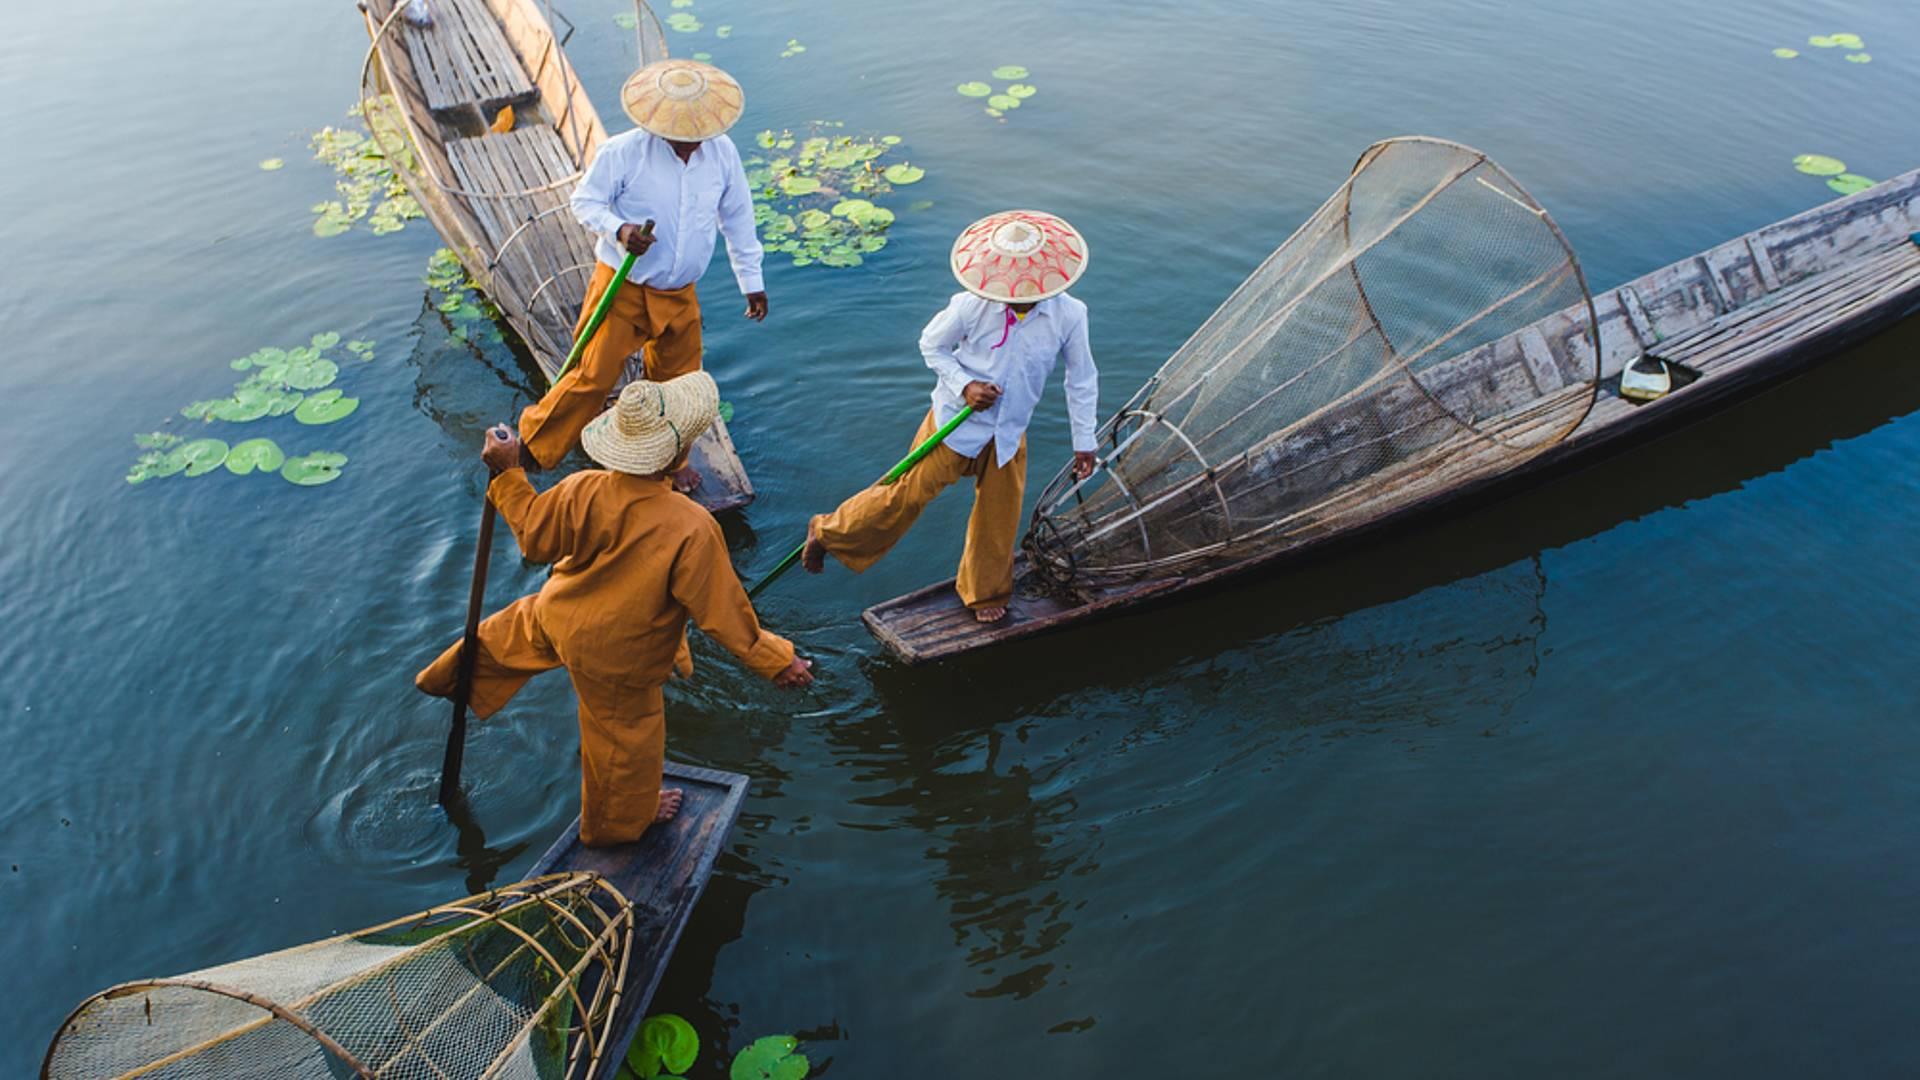 Kulturelles Erbe zwischen Yangon, Bagan und dem Inle See